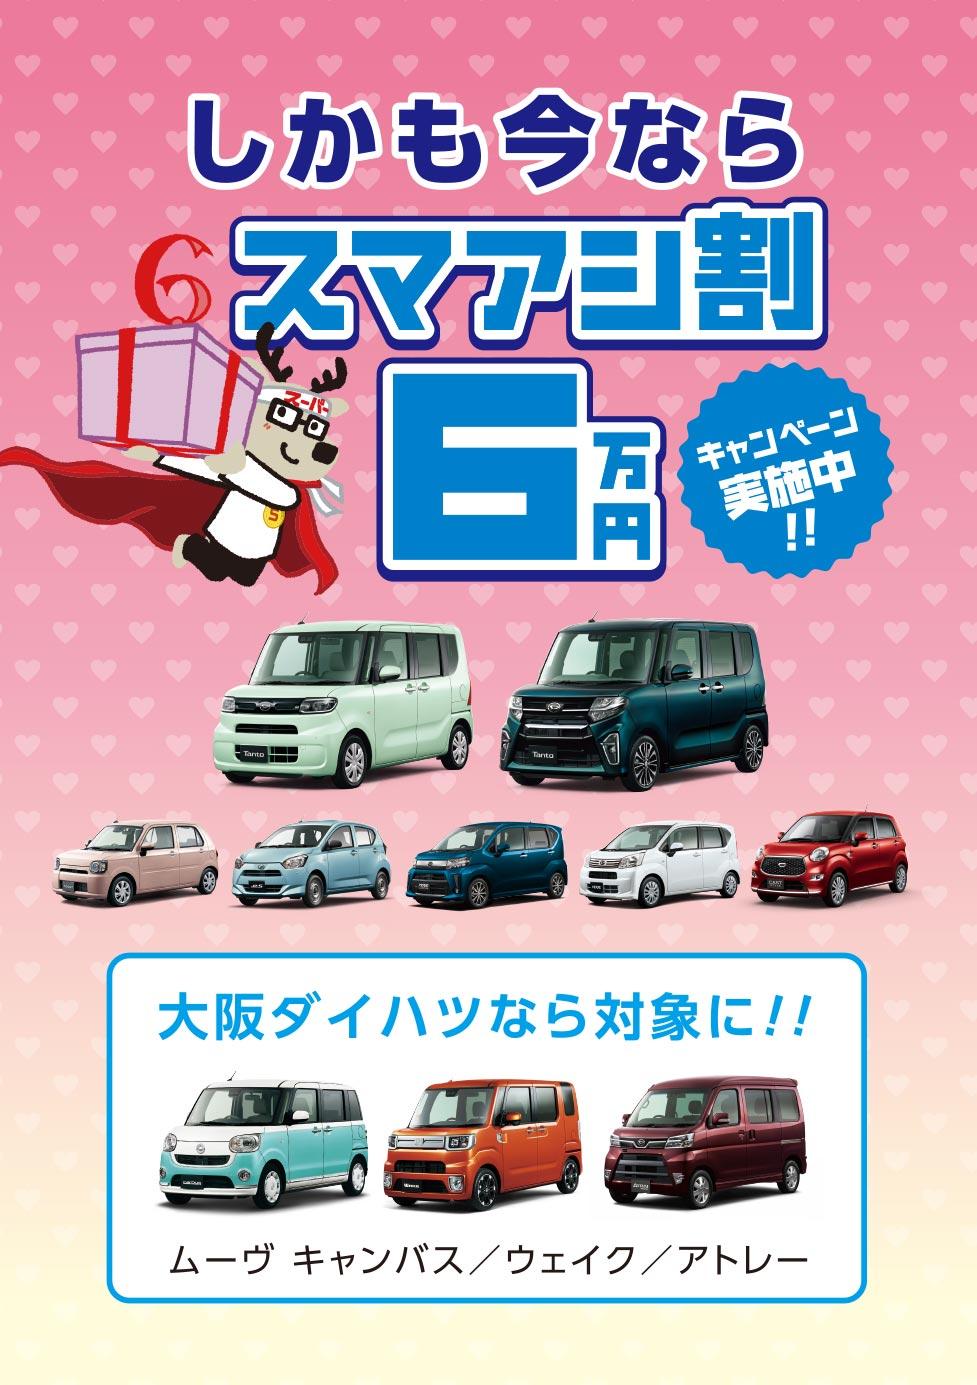 しかもスマアシ割6万円キャンペーンも!!